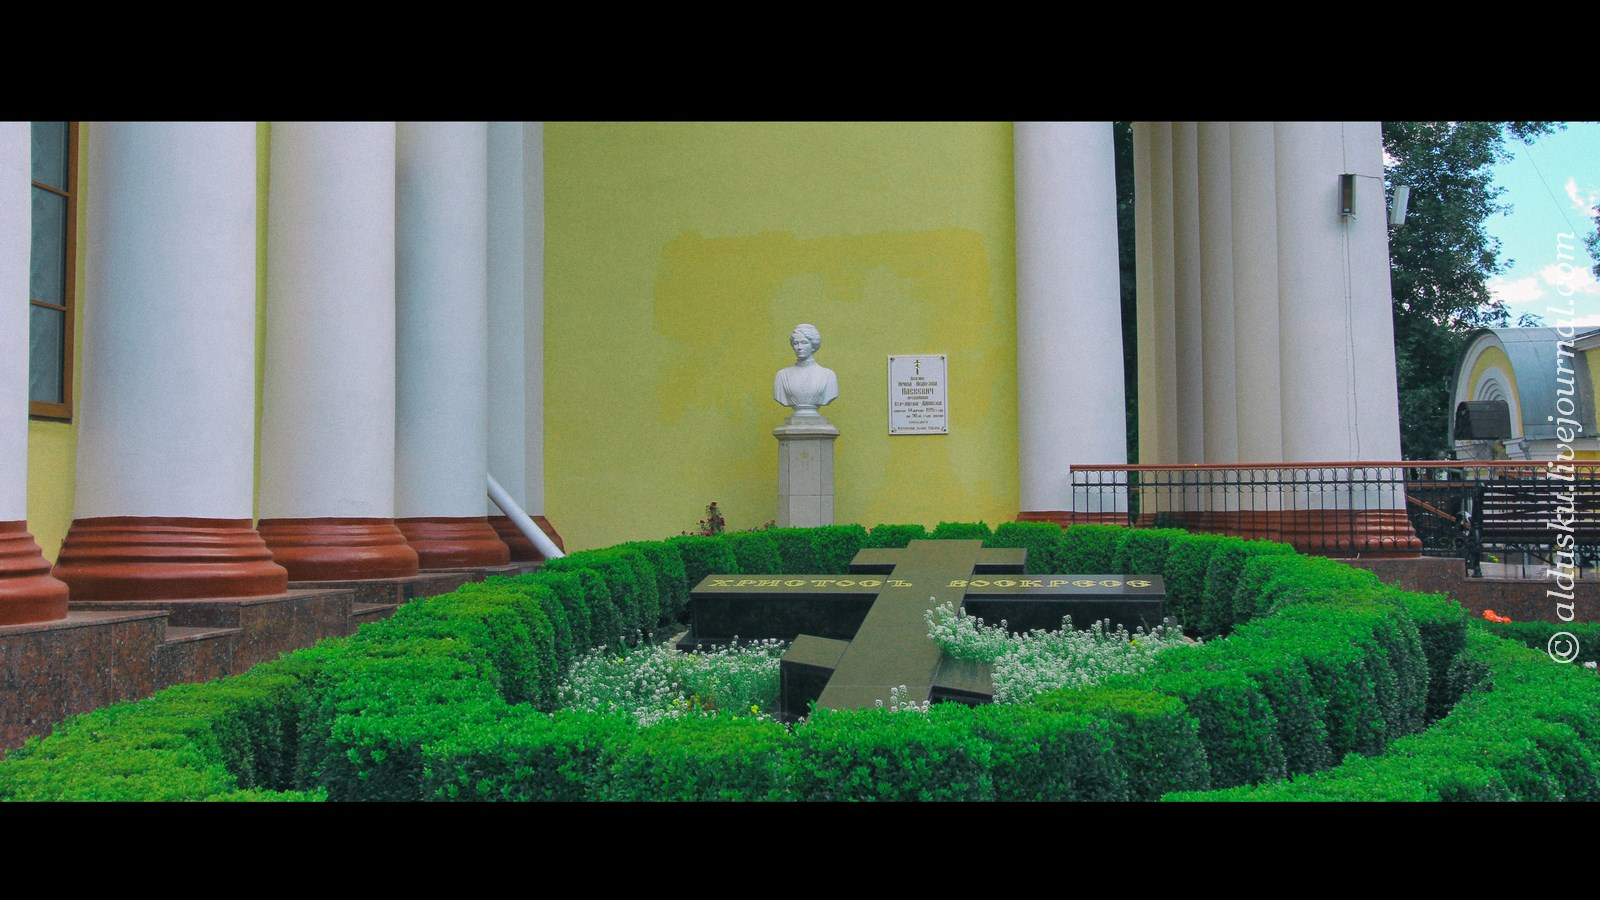 Бюст княгини Паскевич Ирины Ивановны (урожденной Воронцова-Дашкова (1835 — 14 апреля 1925))и мемориальная доска на стене Петропавловского собора